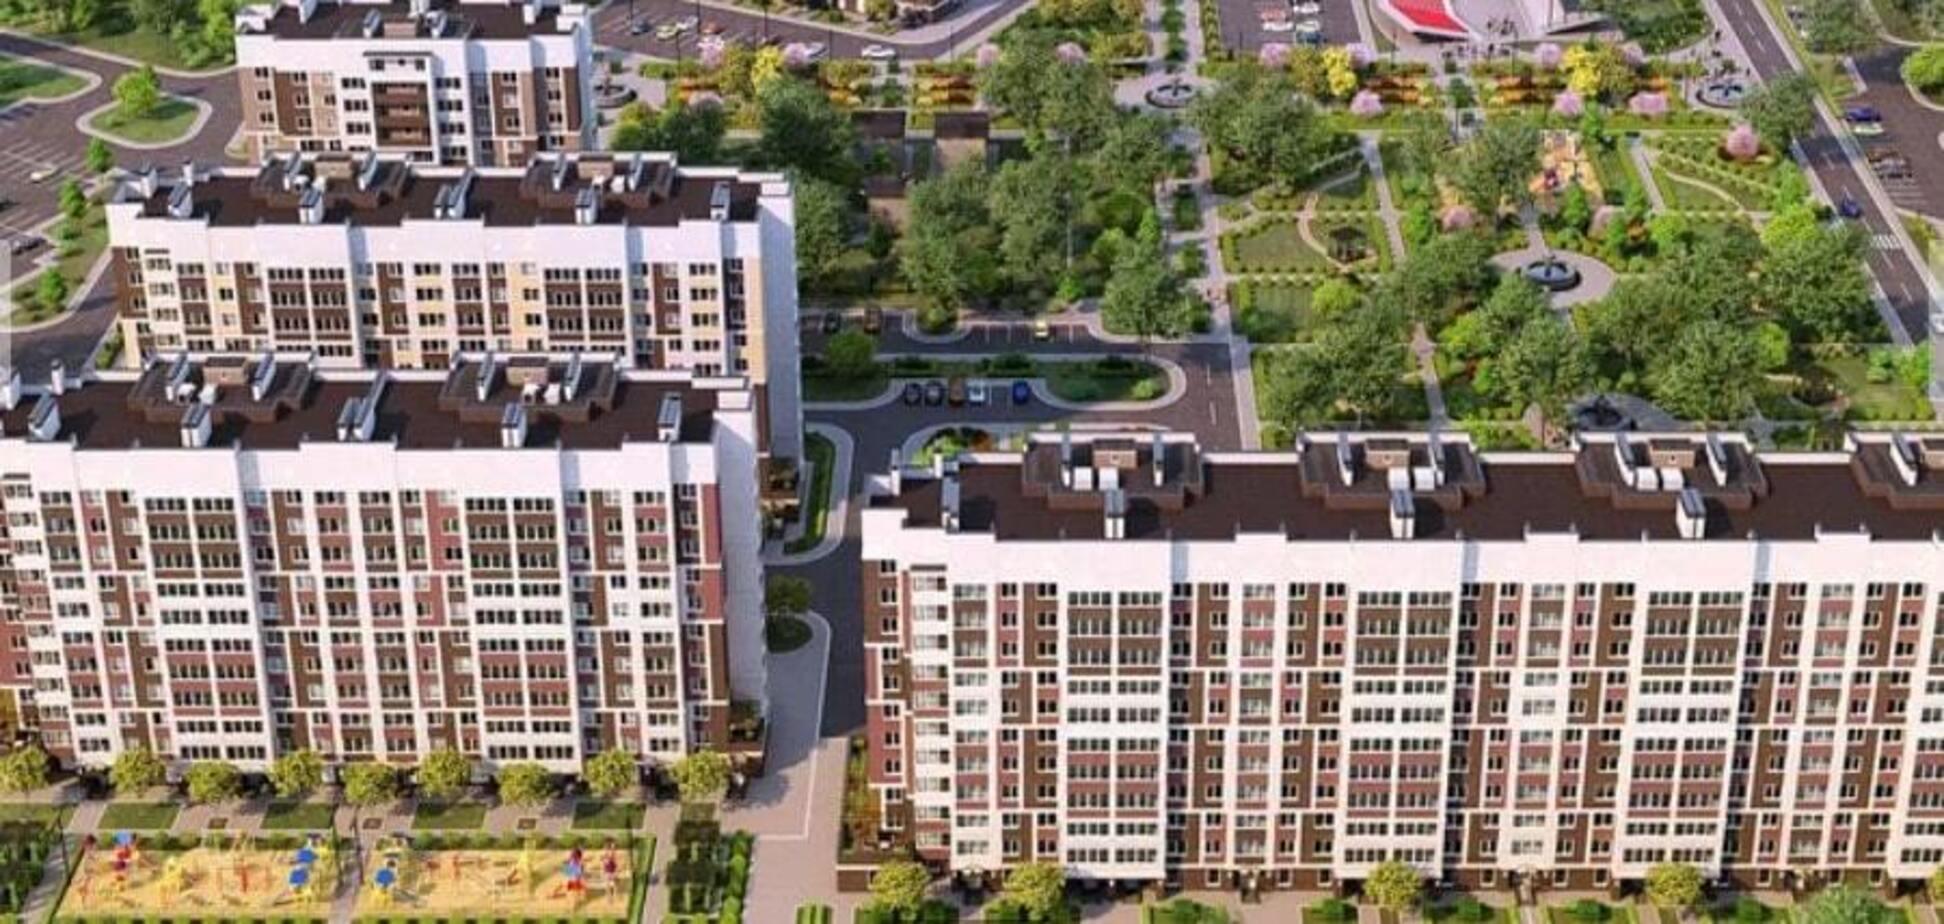 ЖК Сади Вишневі: комплекс под Киевом с развитой инфраструктурой и своим парком